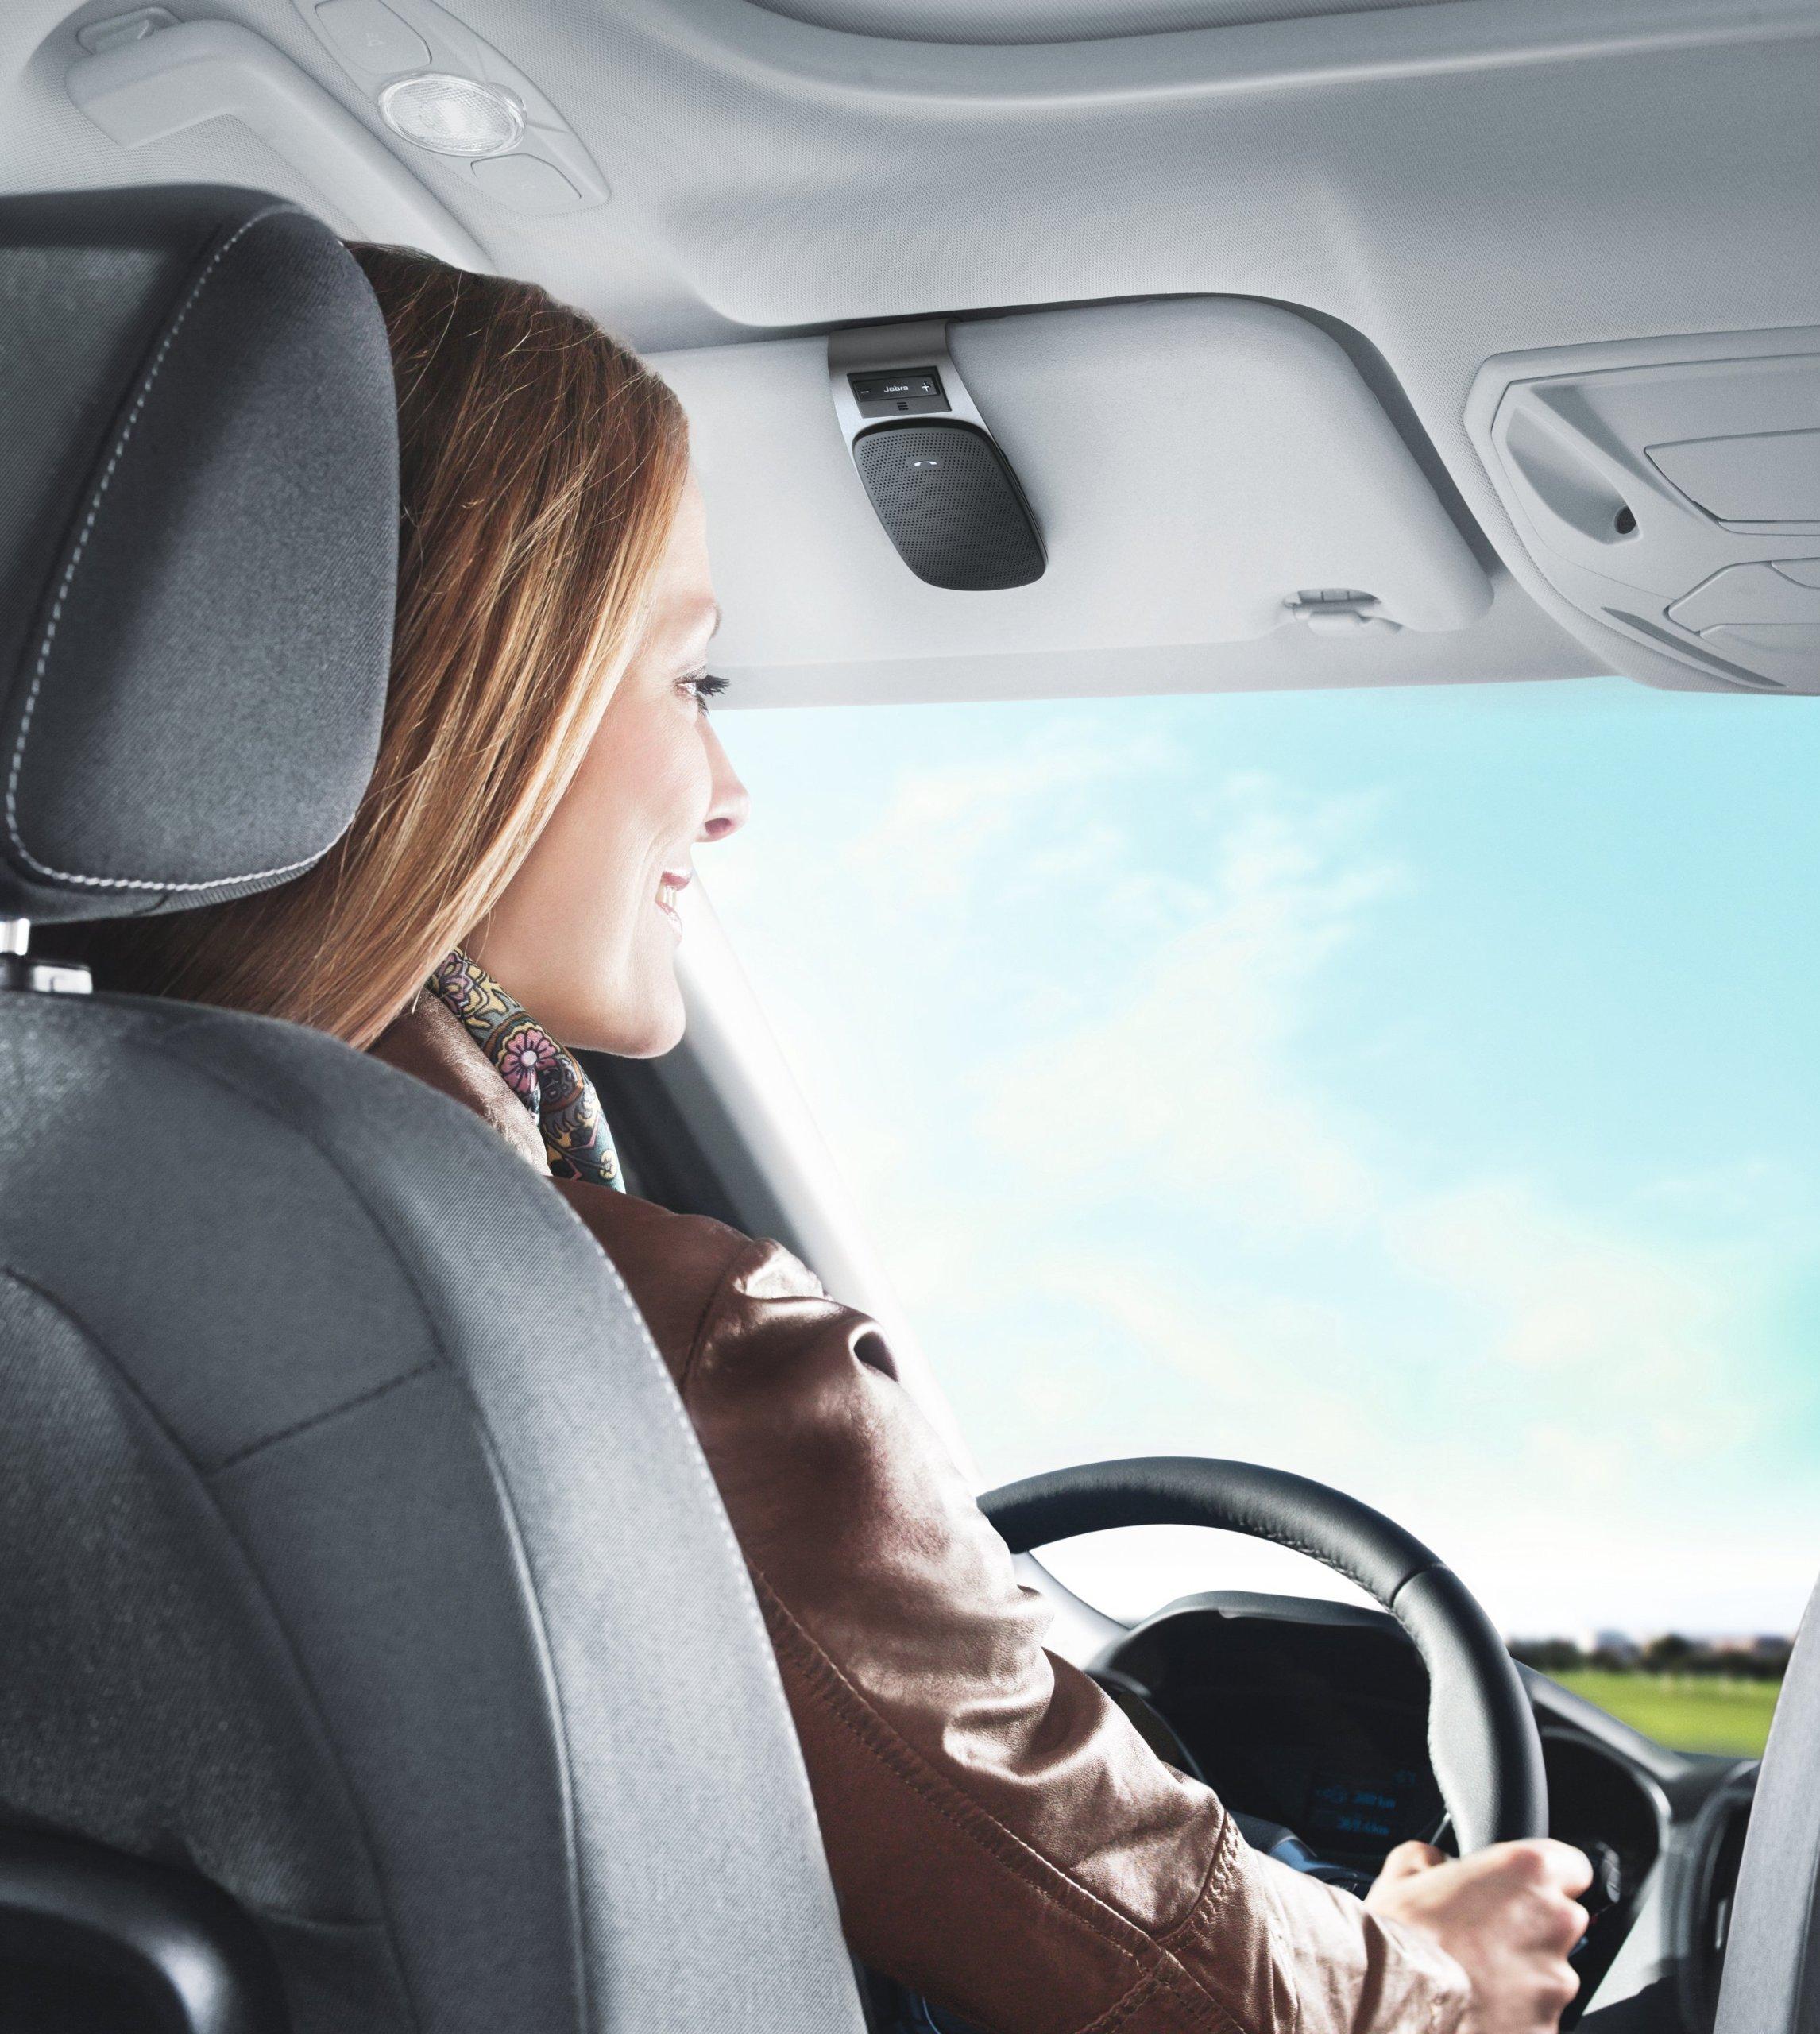 Jabra Drive Bluetooth In-Car Speakerphone (U.S. Retail Packaging) by Jabra (Image #5)